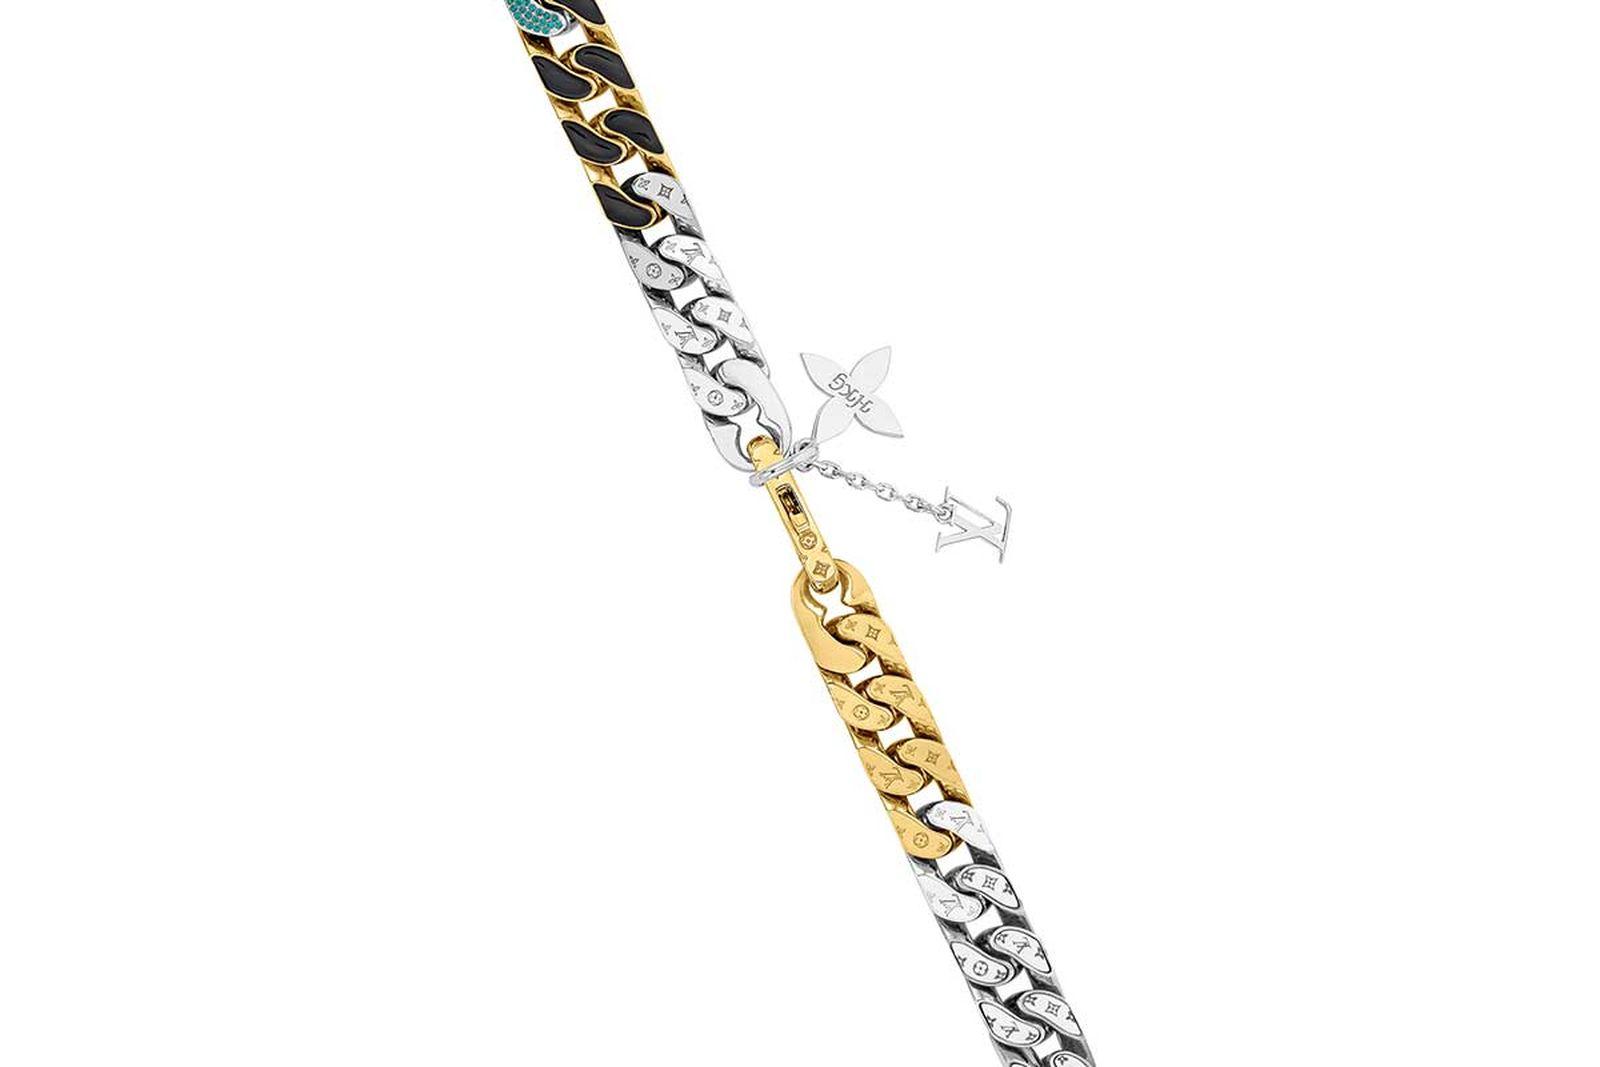 louis vuitton lv chain link neckalces (6)